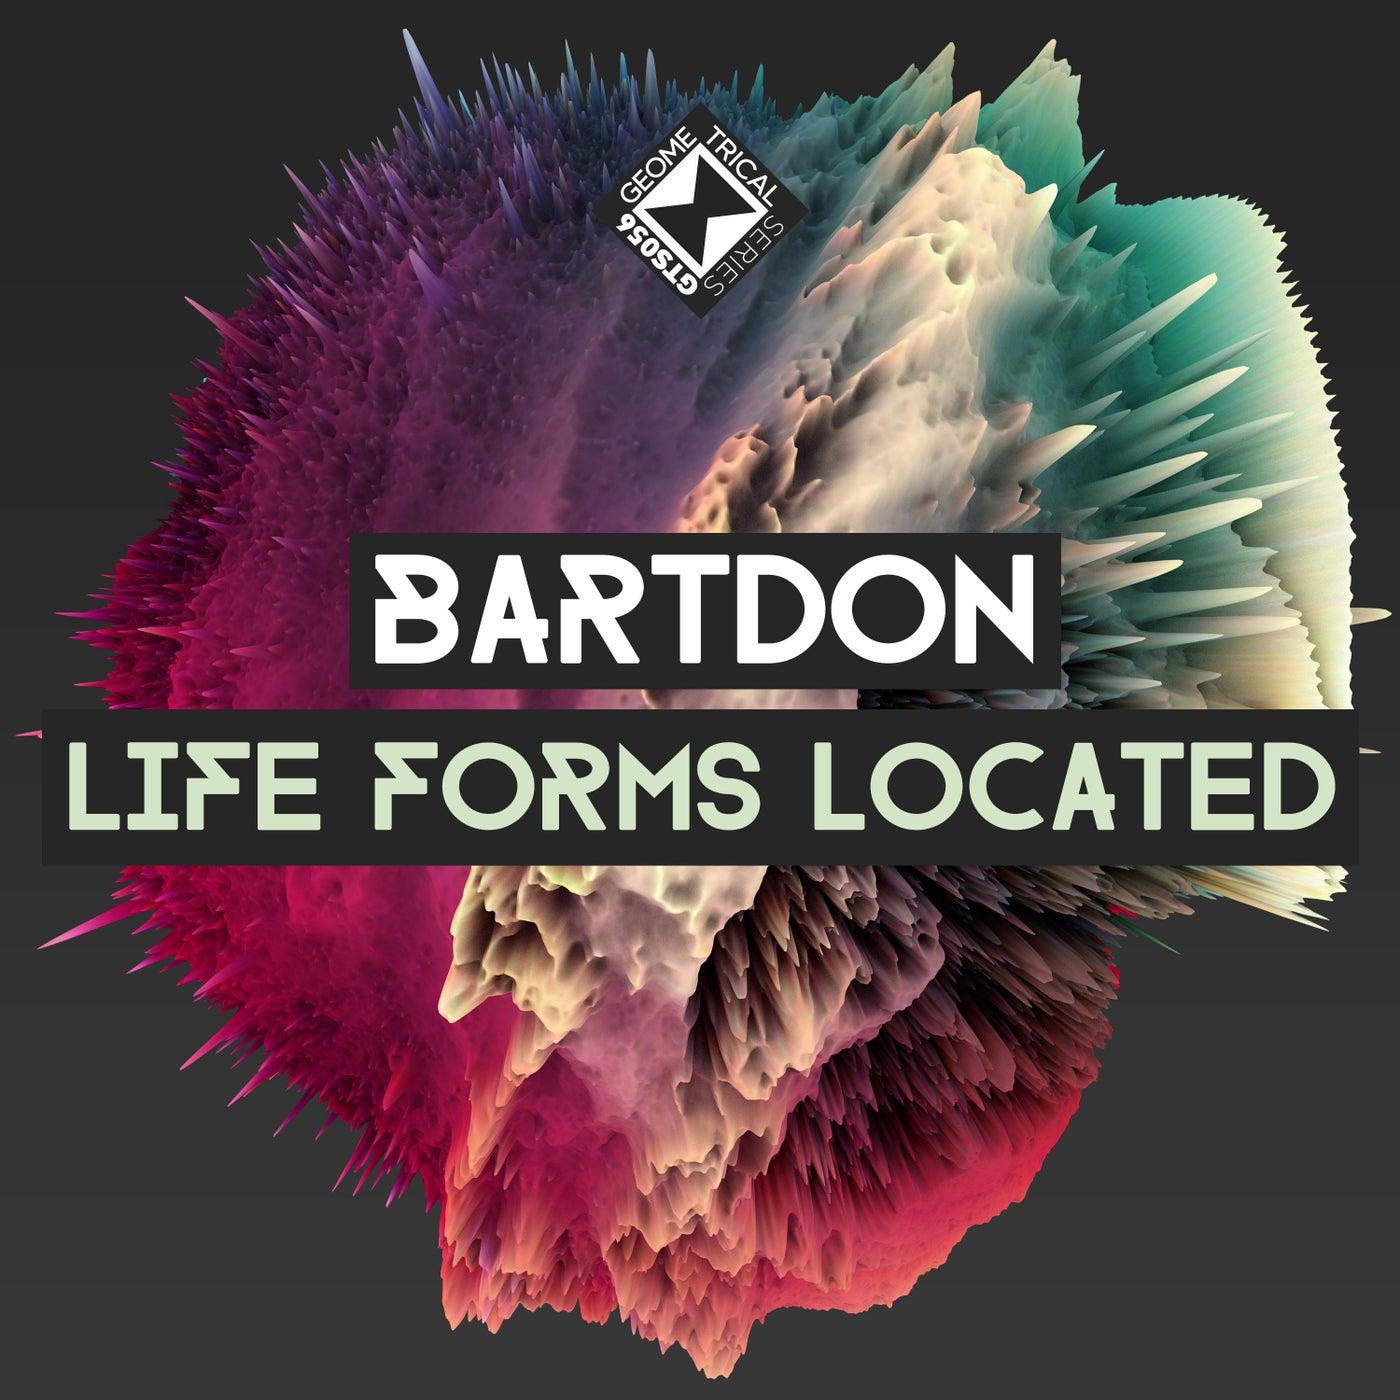 Life Forms Located (Original Mix)